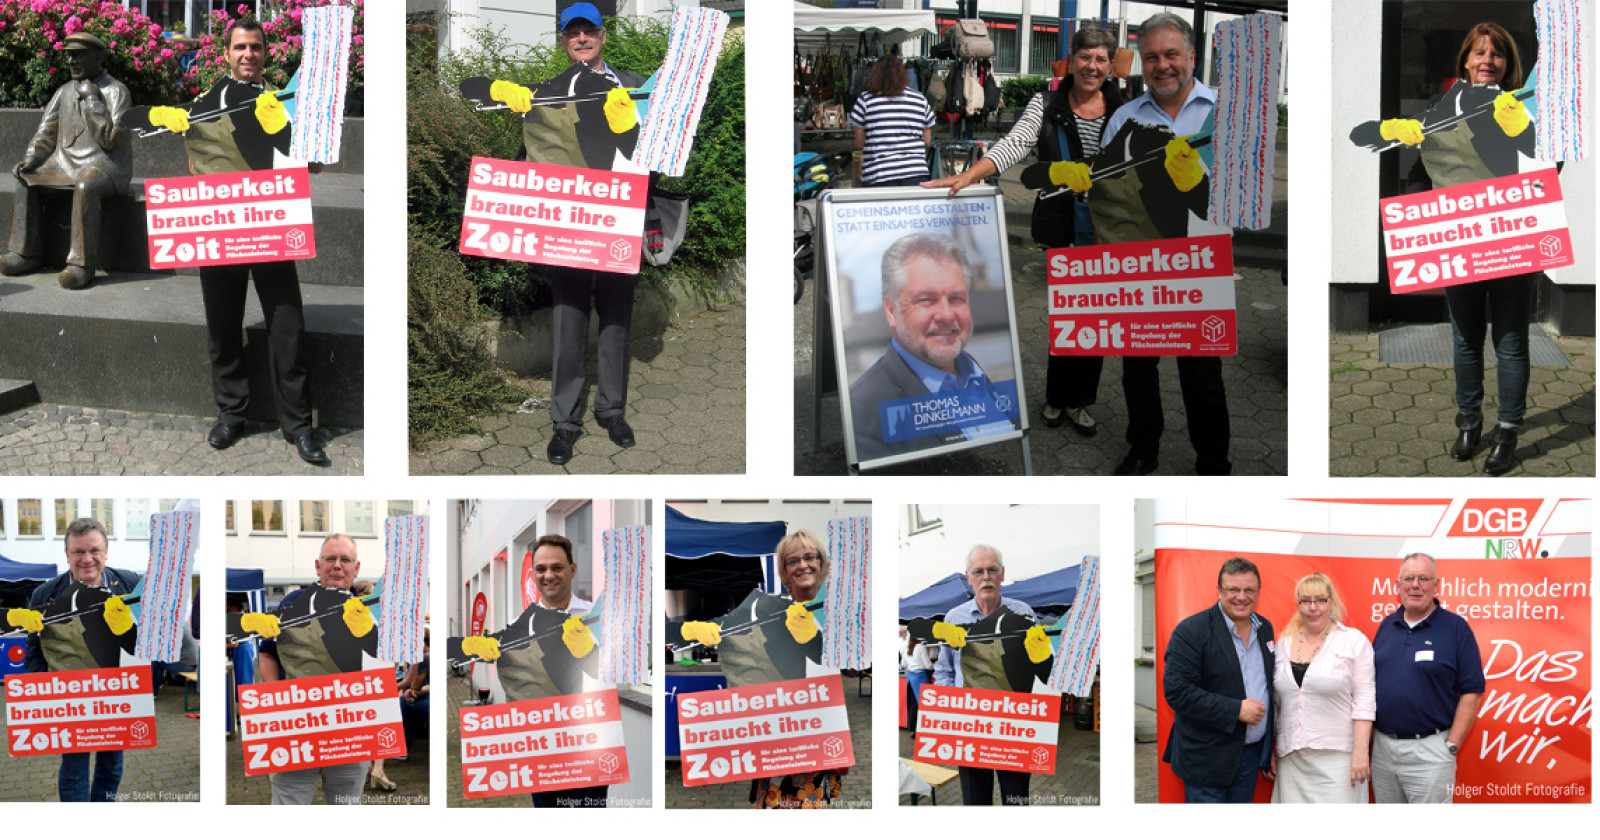 Die Bürgermeisterkandidaten in Mettmann wissen: Sauberkeit braucht ihre Zeit!